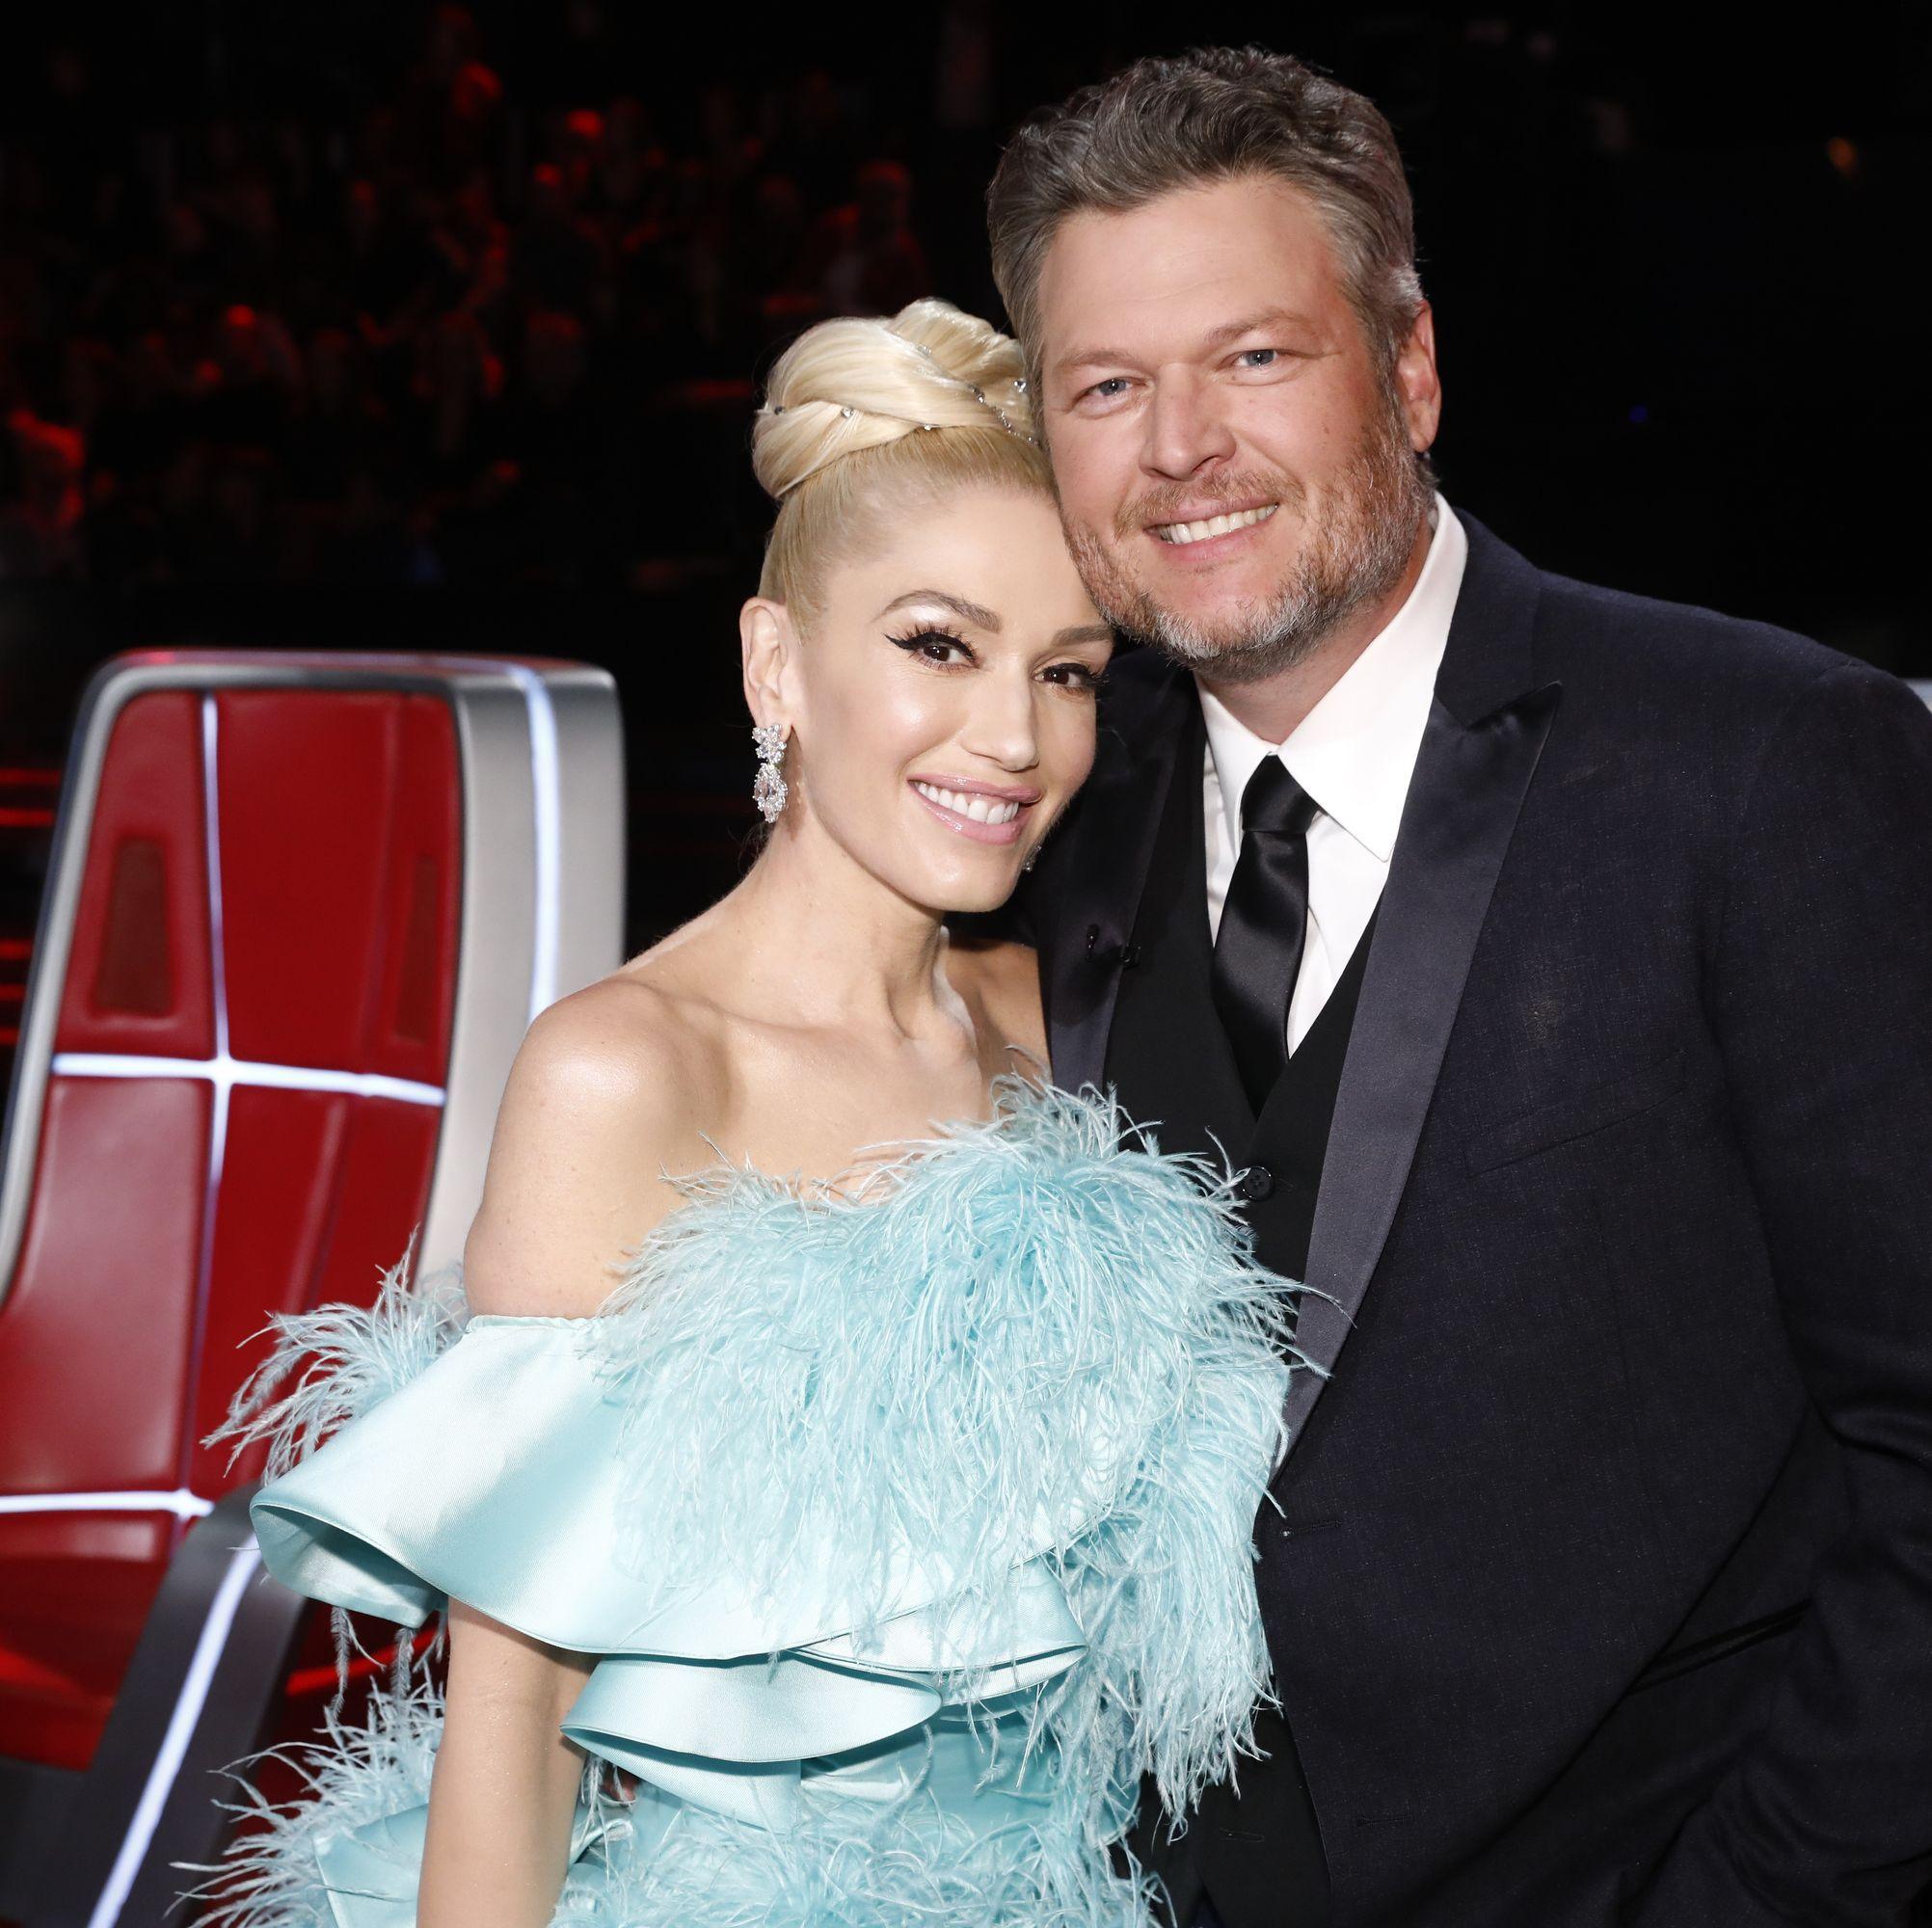 Blake Shelton And Gwen Stefani Married